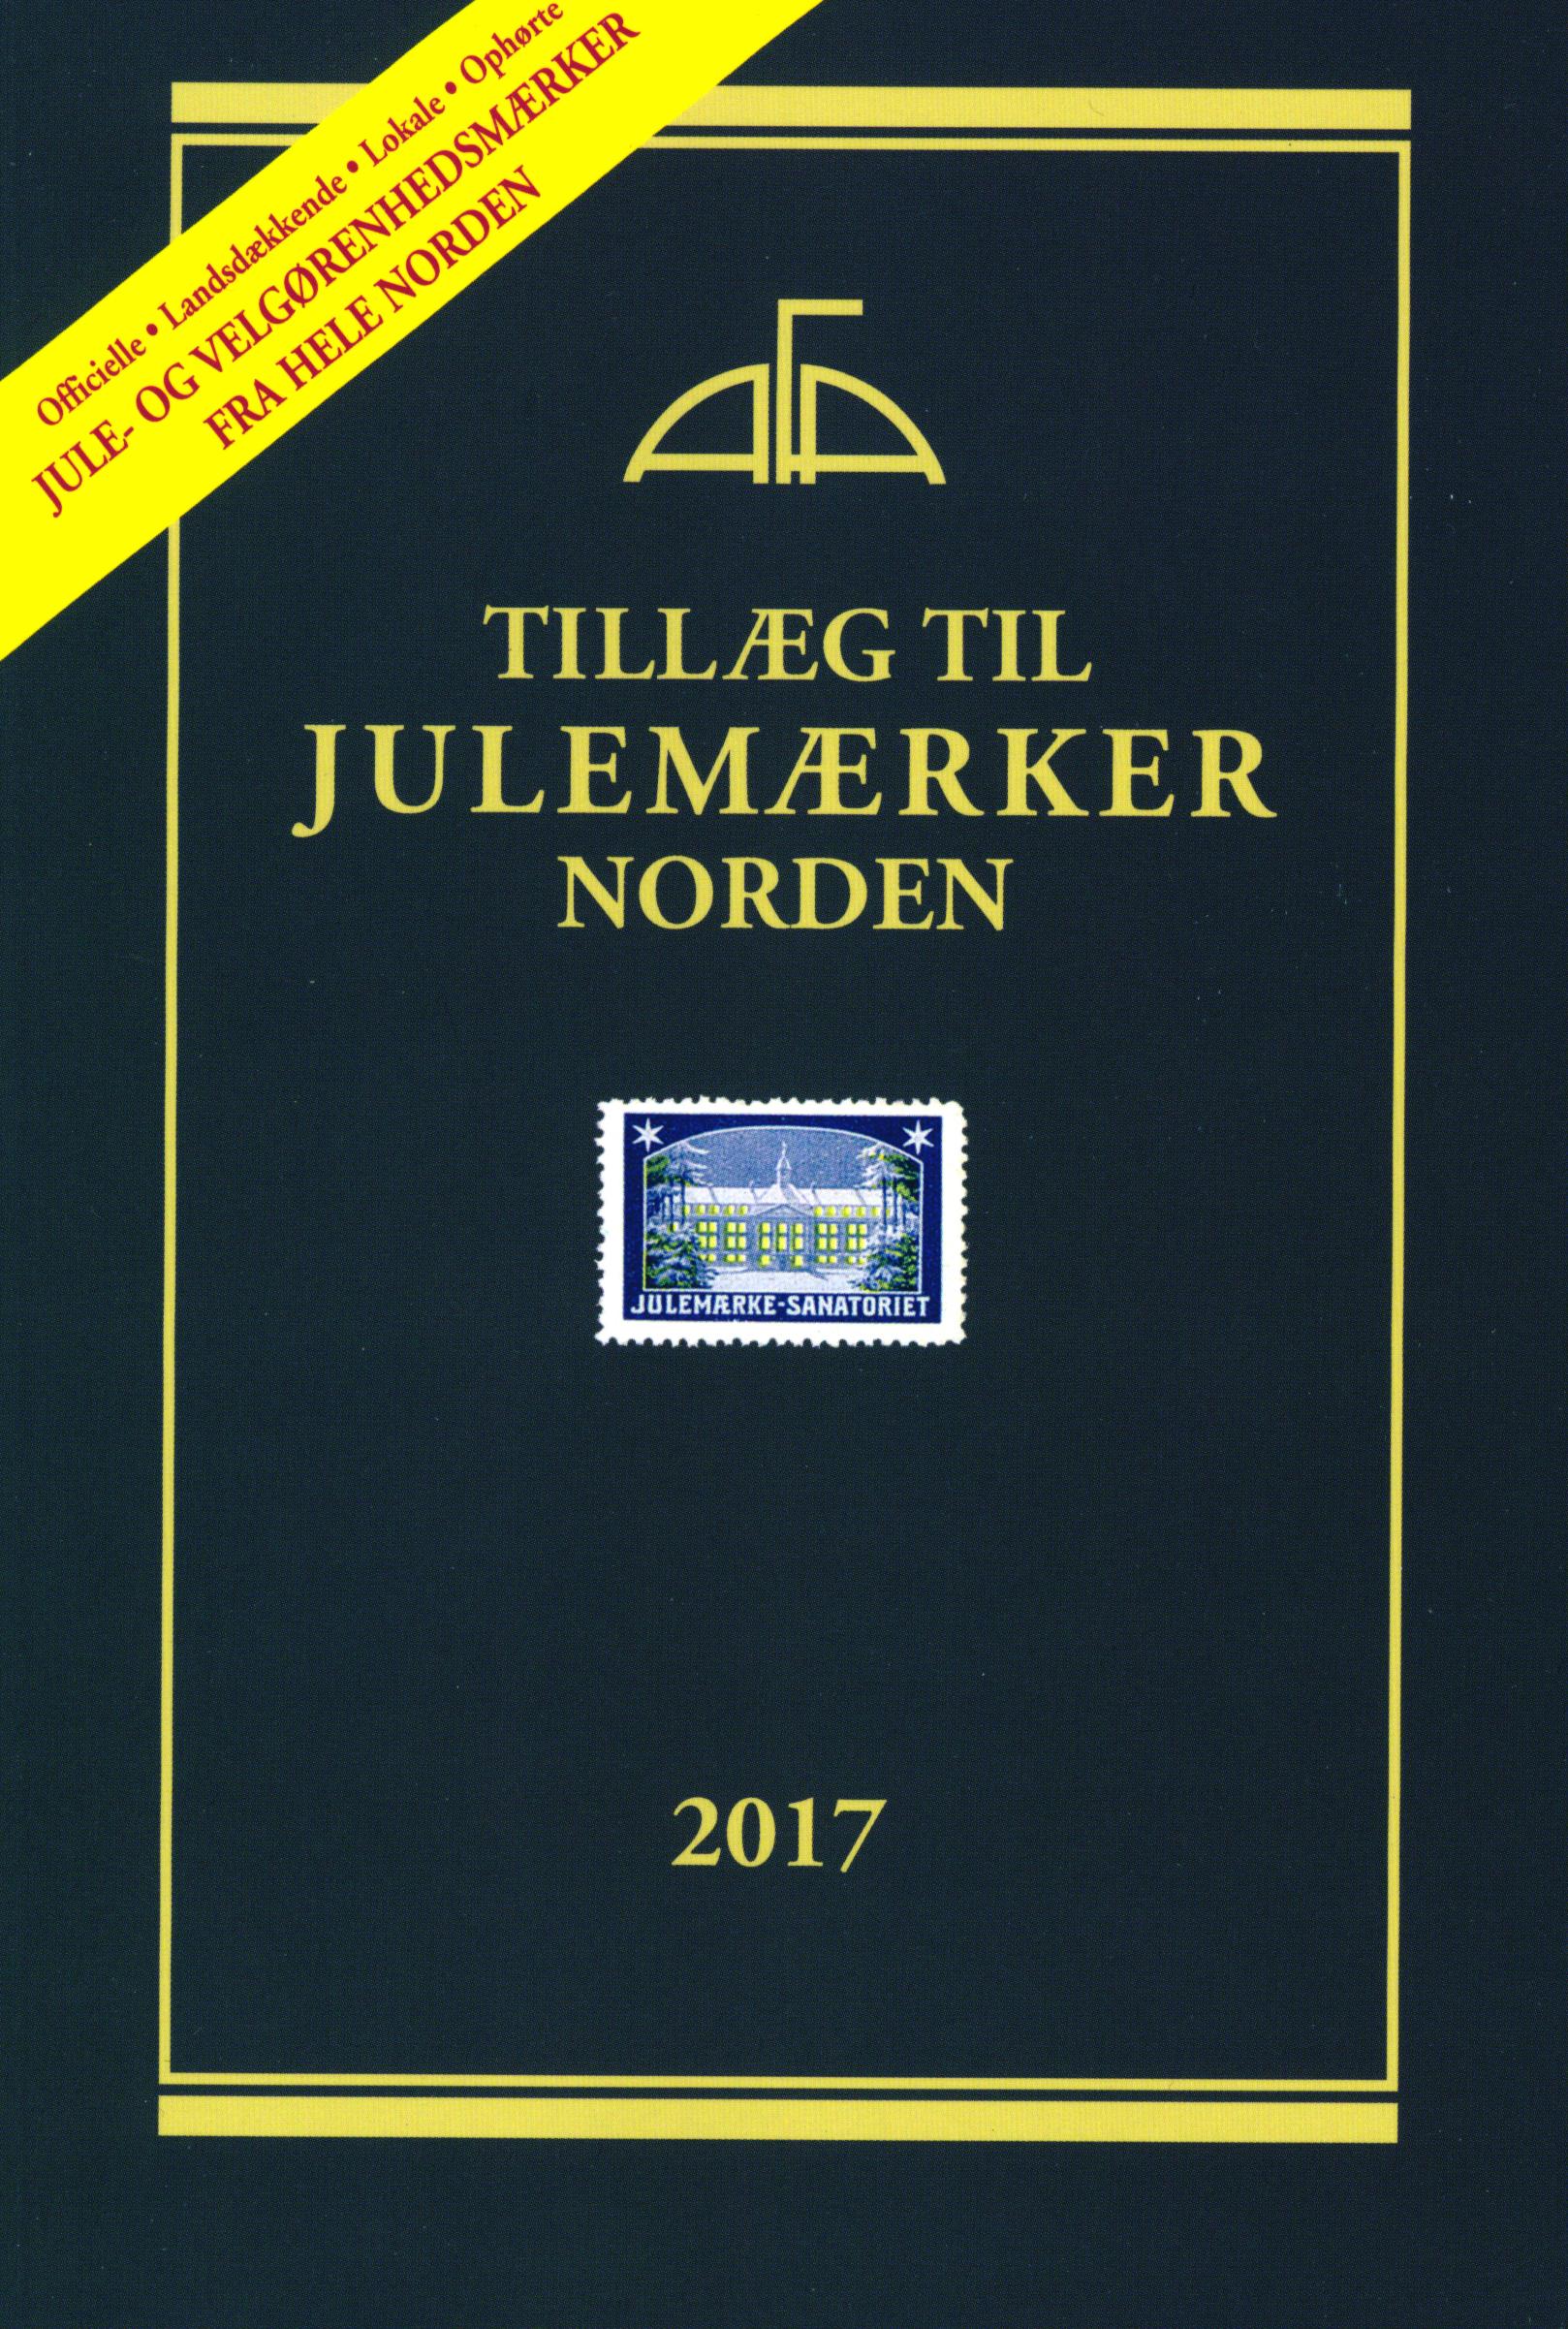 AFA Julemærker tillæg 2017